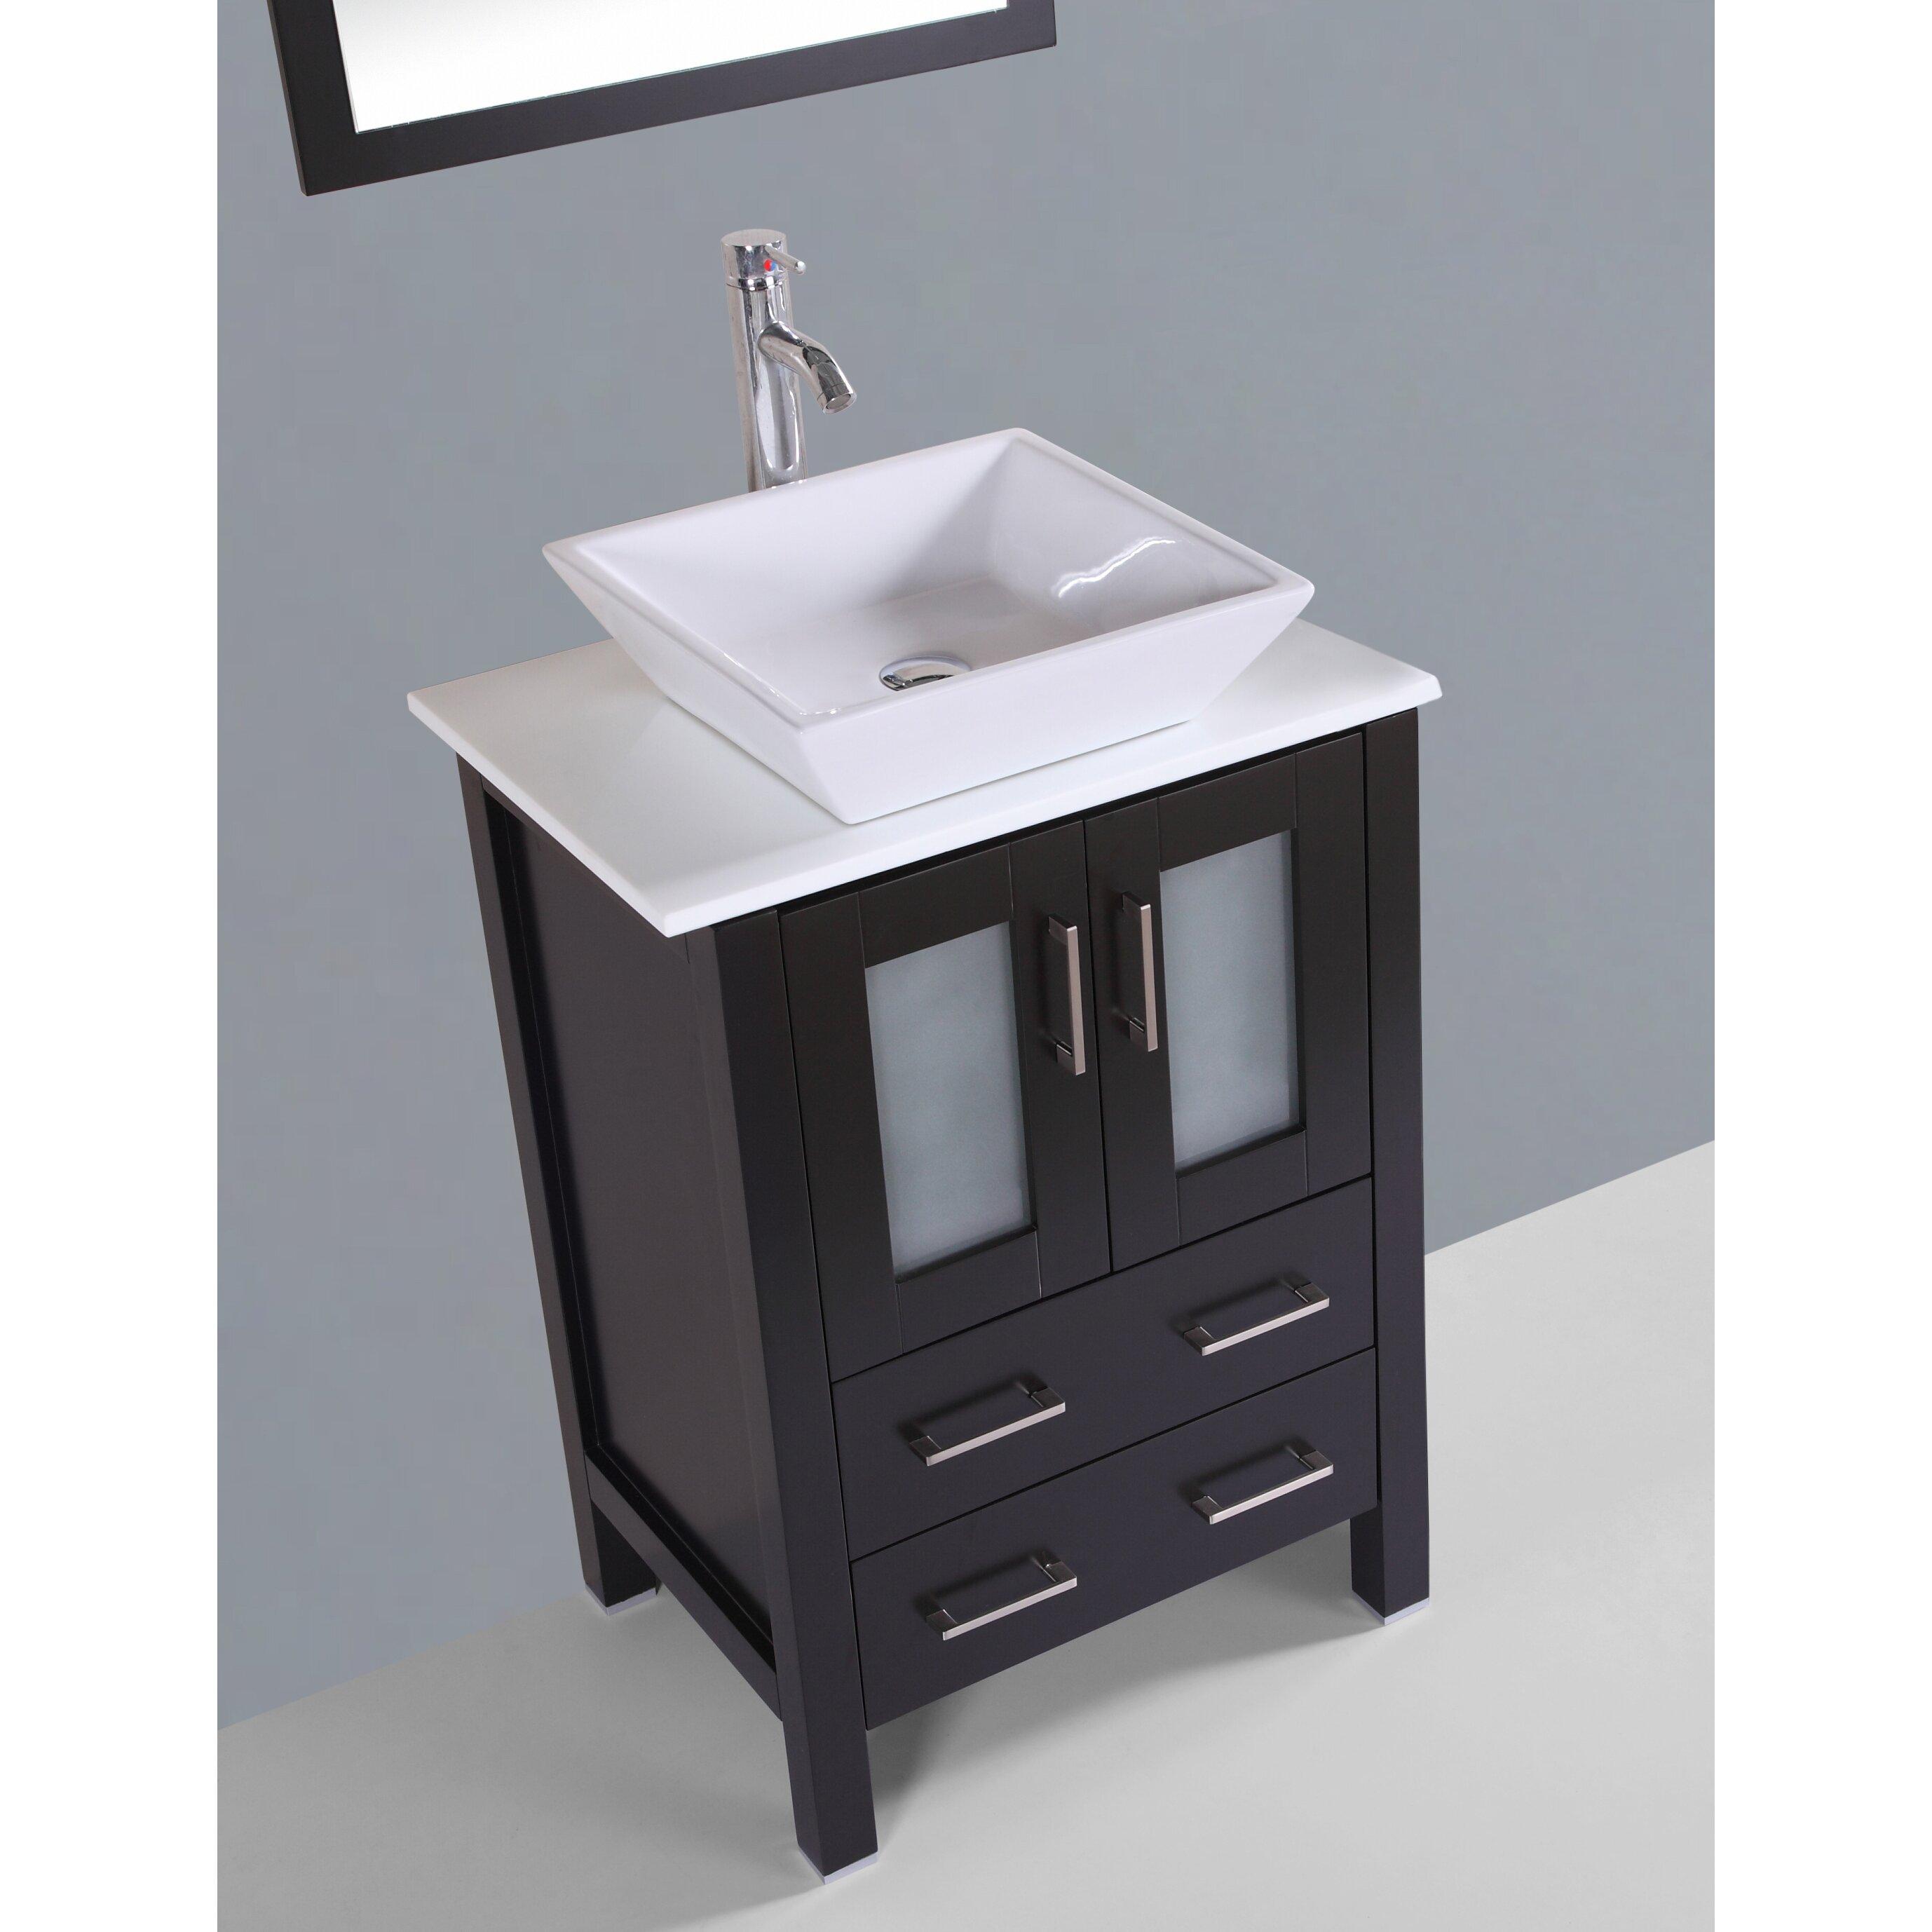 Bosconi contemporary 24 single bathroom vanity set with for Bathroom vanity sets for sale